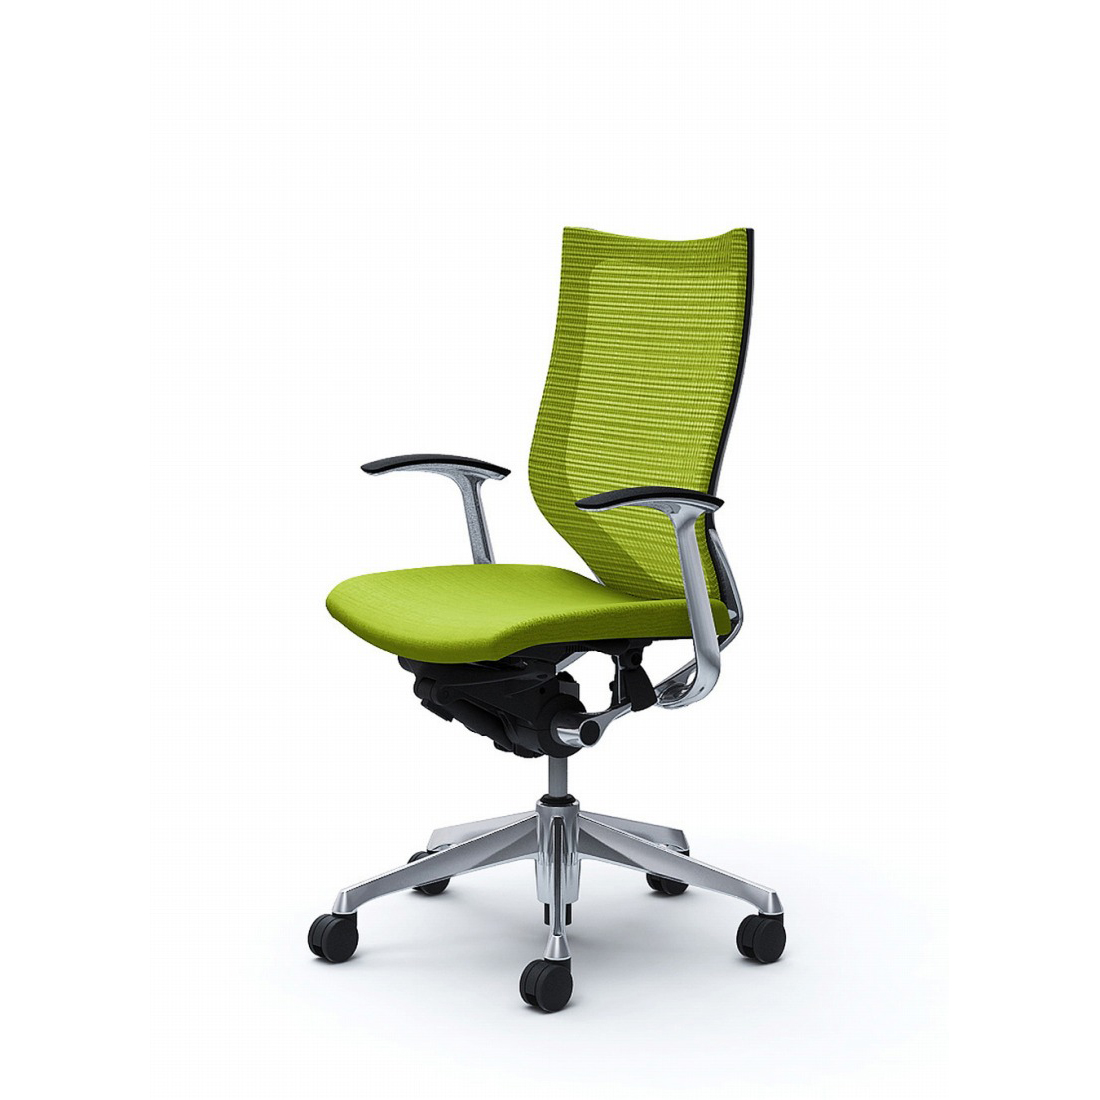 バロン バロンチェア CP45BR Baron【ハイバック】ポリッシュフレーム クッションシート デザインアーム オフィスチェア オカムラ(代引き不可)【送料無料】